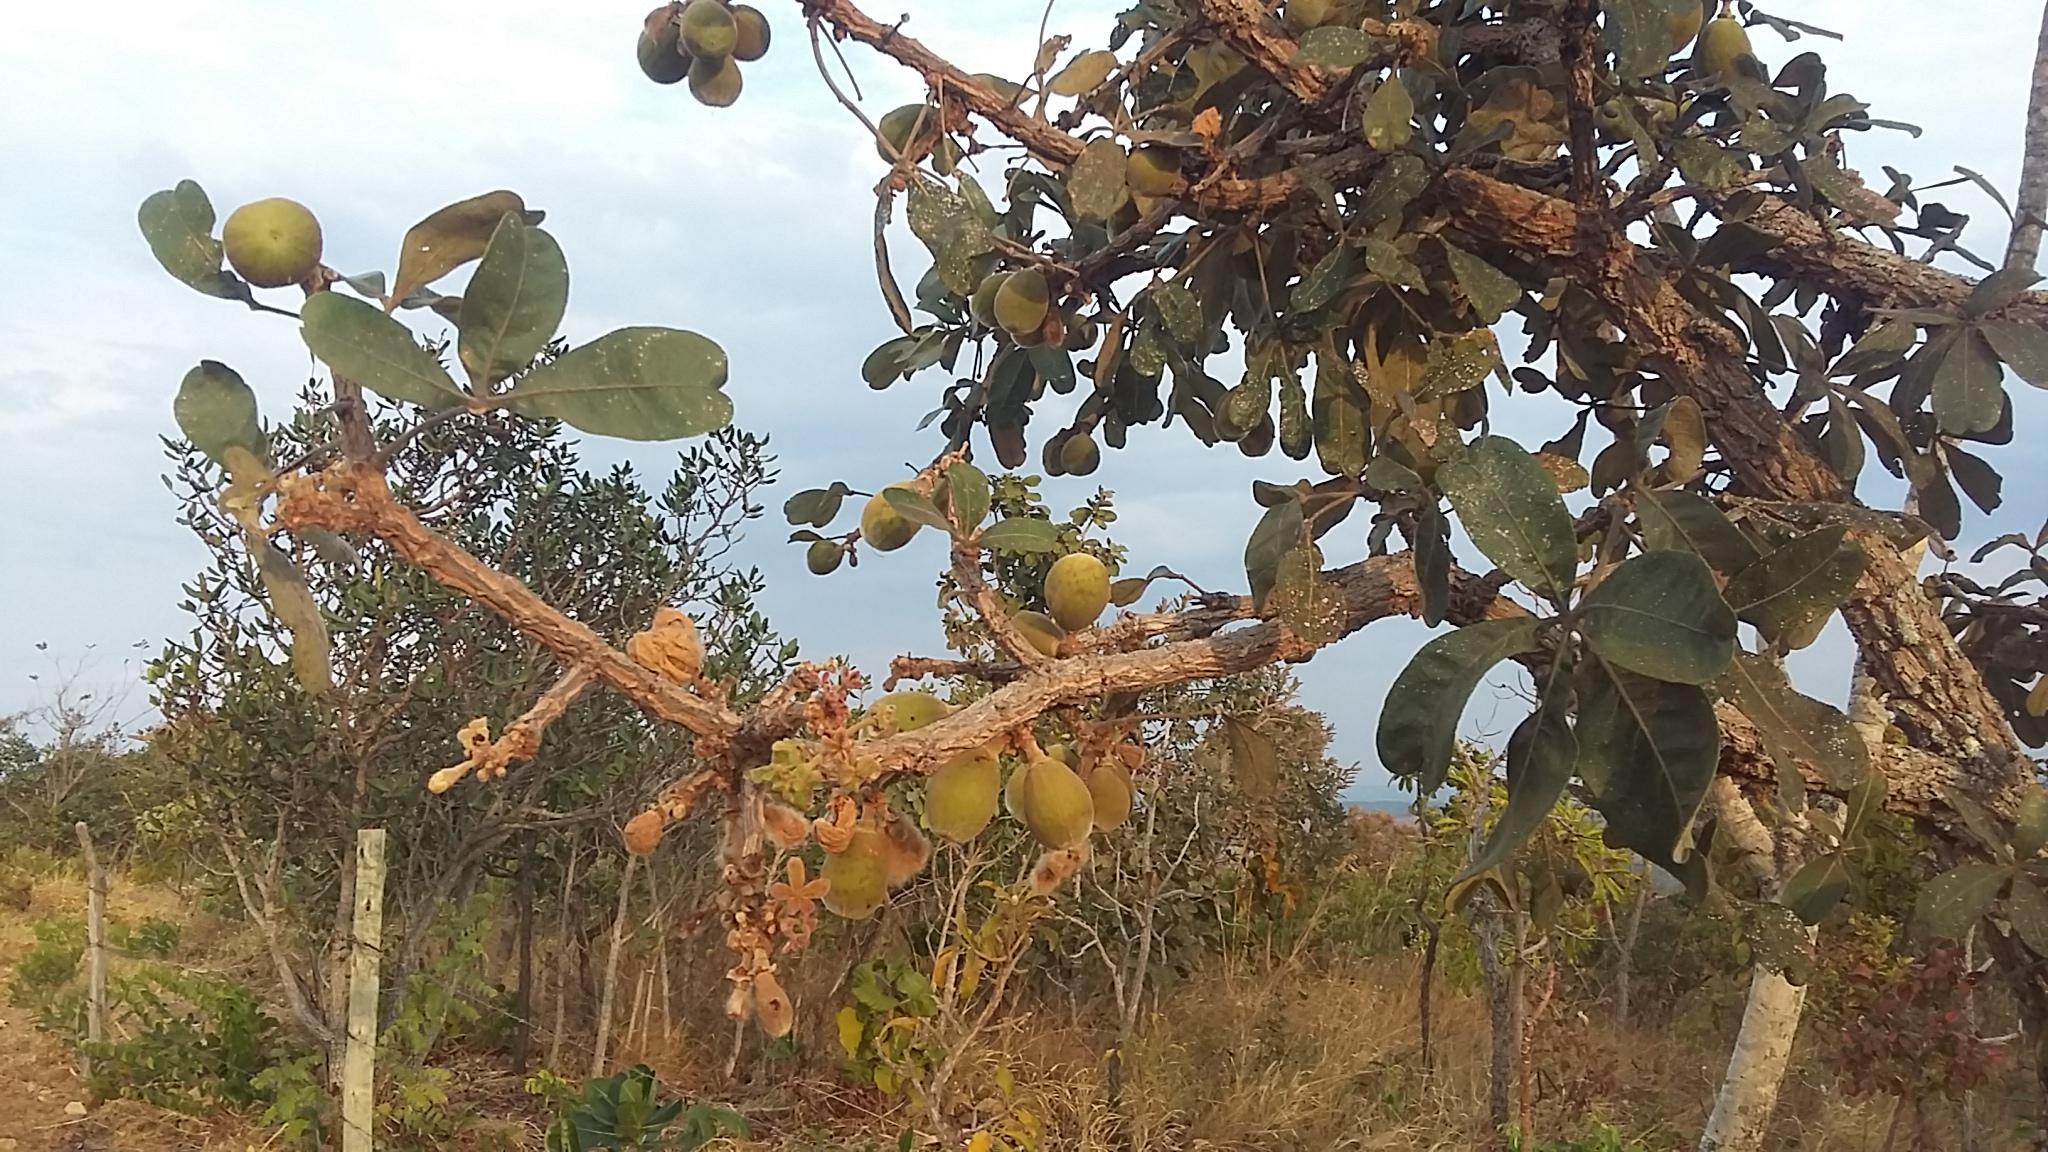 fruit amérique du sud